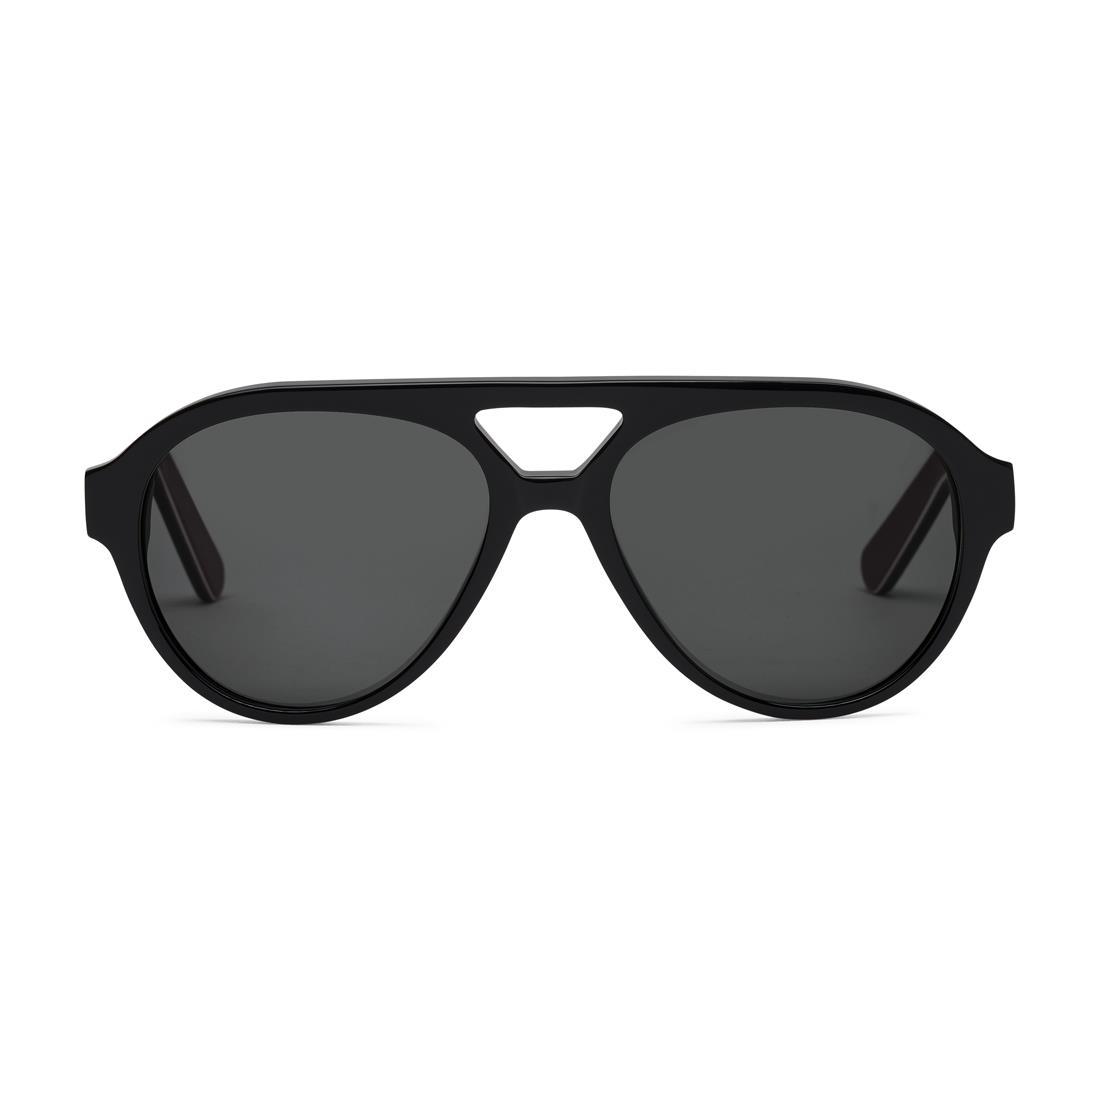 363ab8bf63e9f ShopMINIUSA.com  MINI JCW Aviator Sunglasses